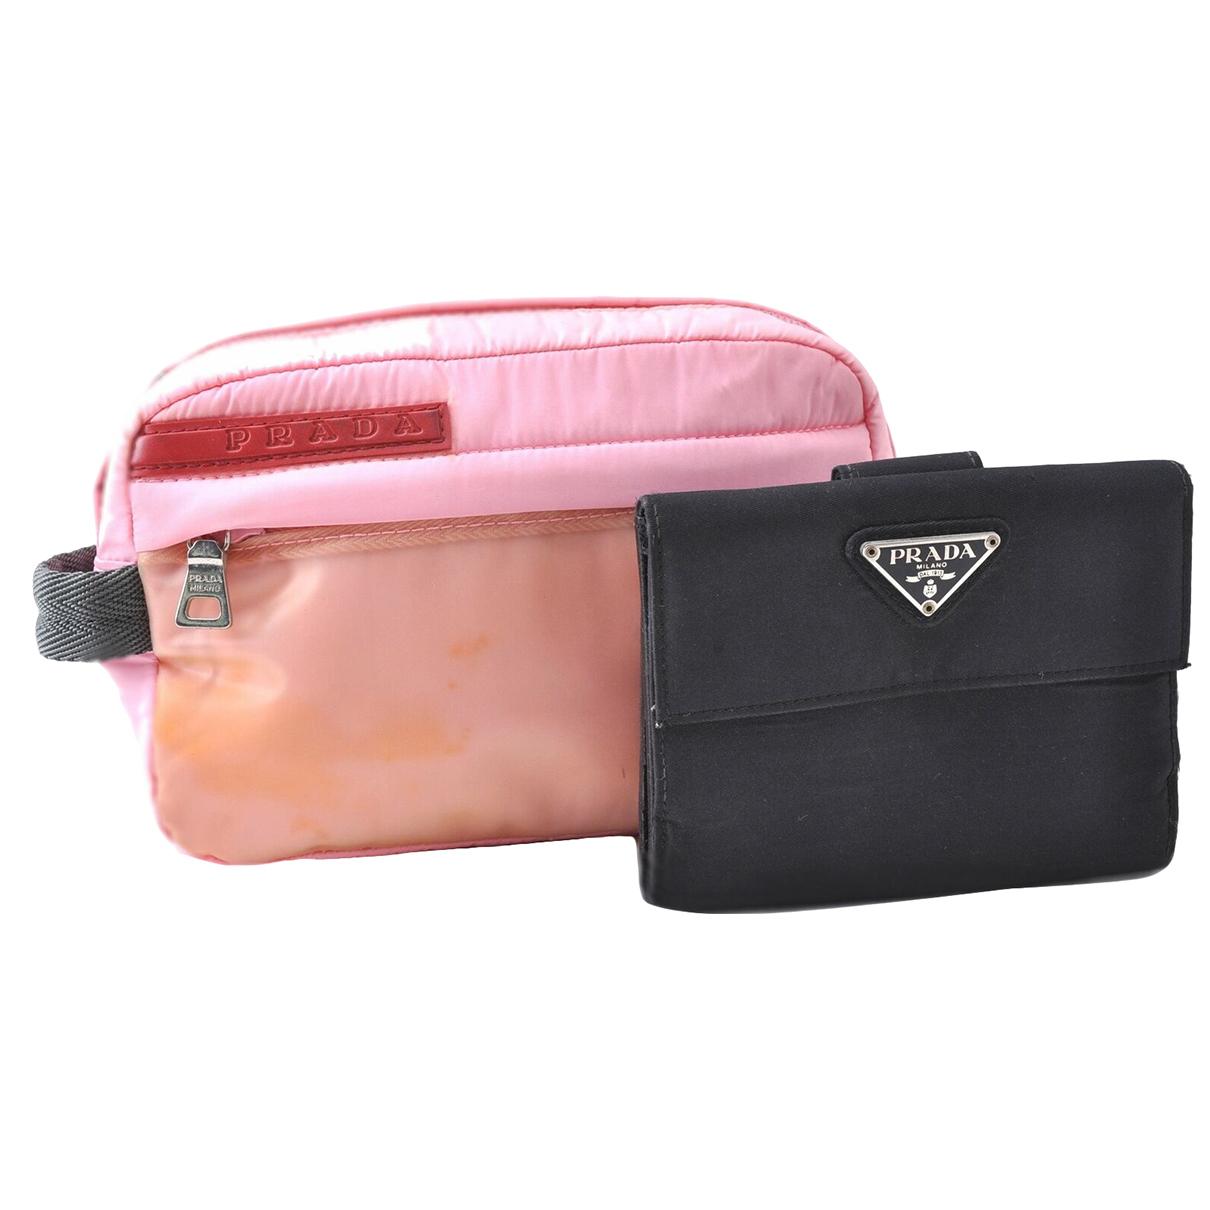 Prada N Black Purses, wallet & cases for Women N